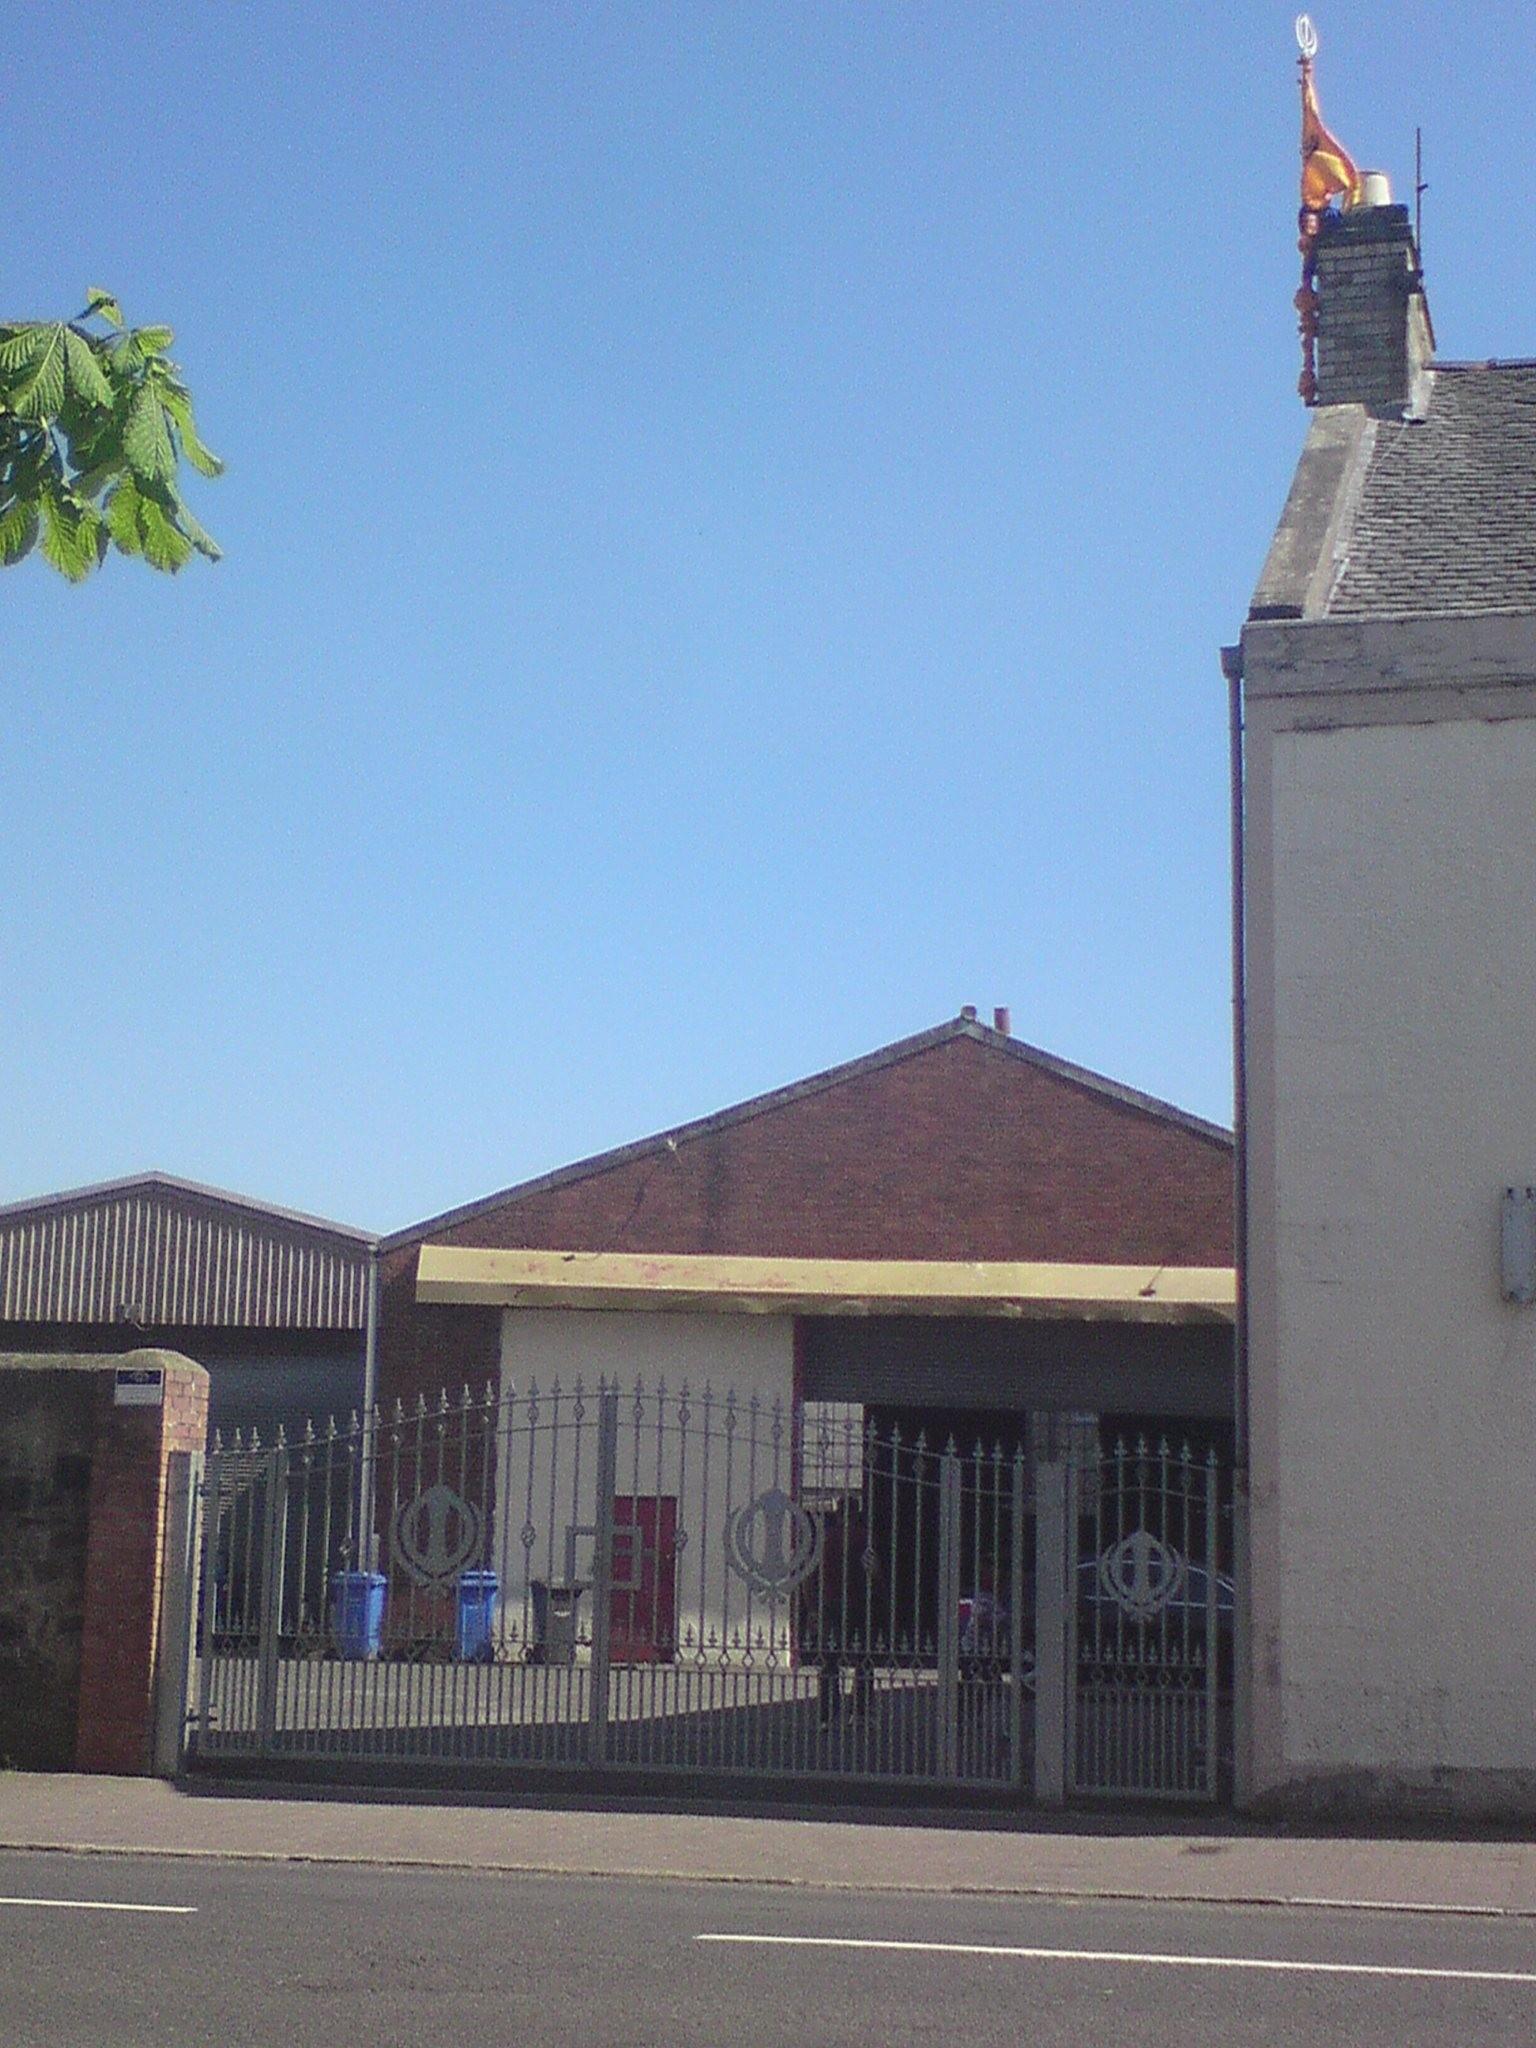 Guru Nanak Sikh Temple in Irvine